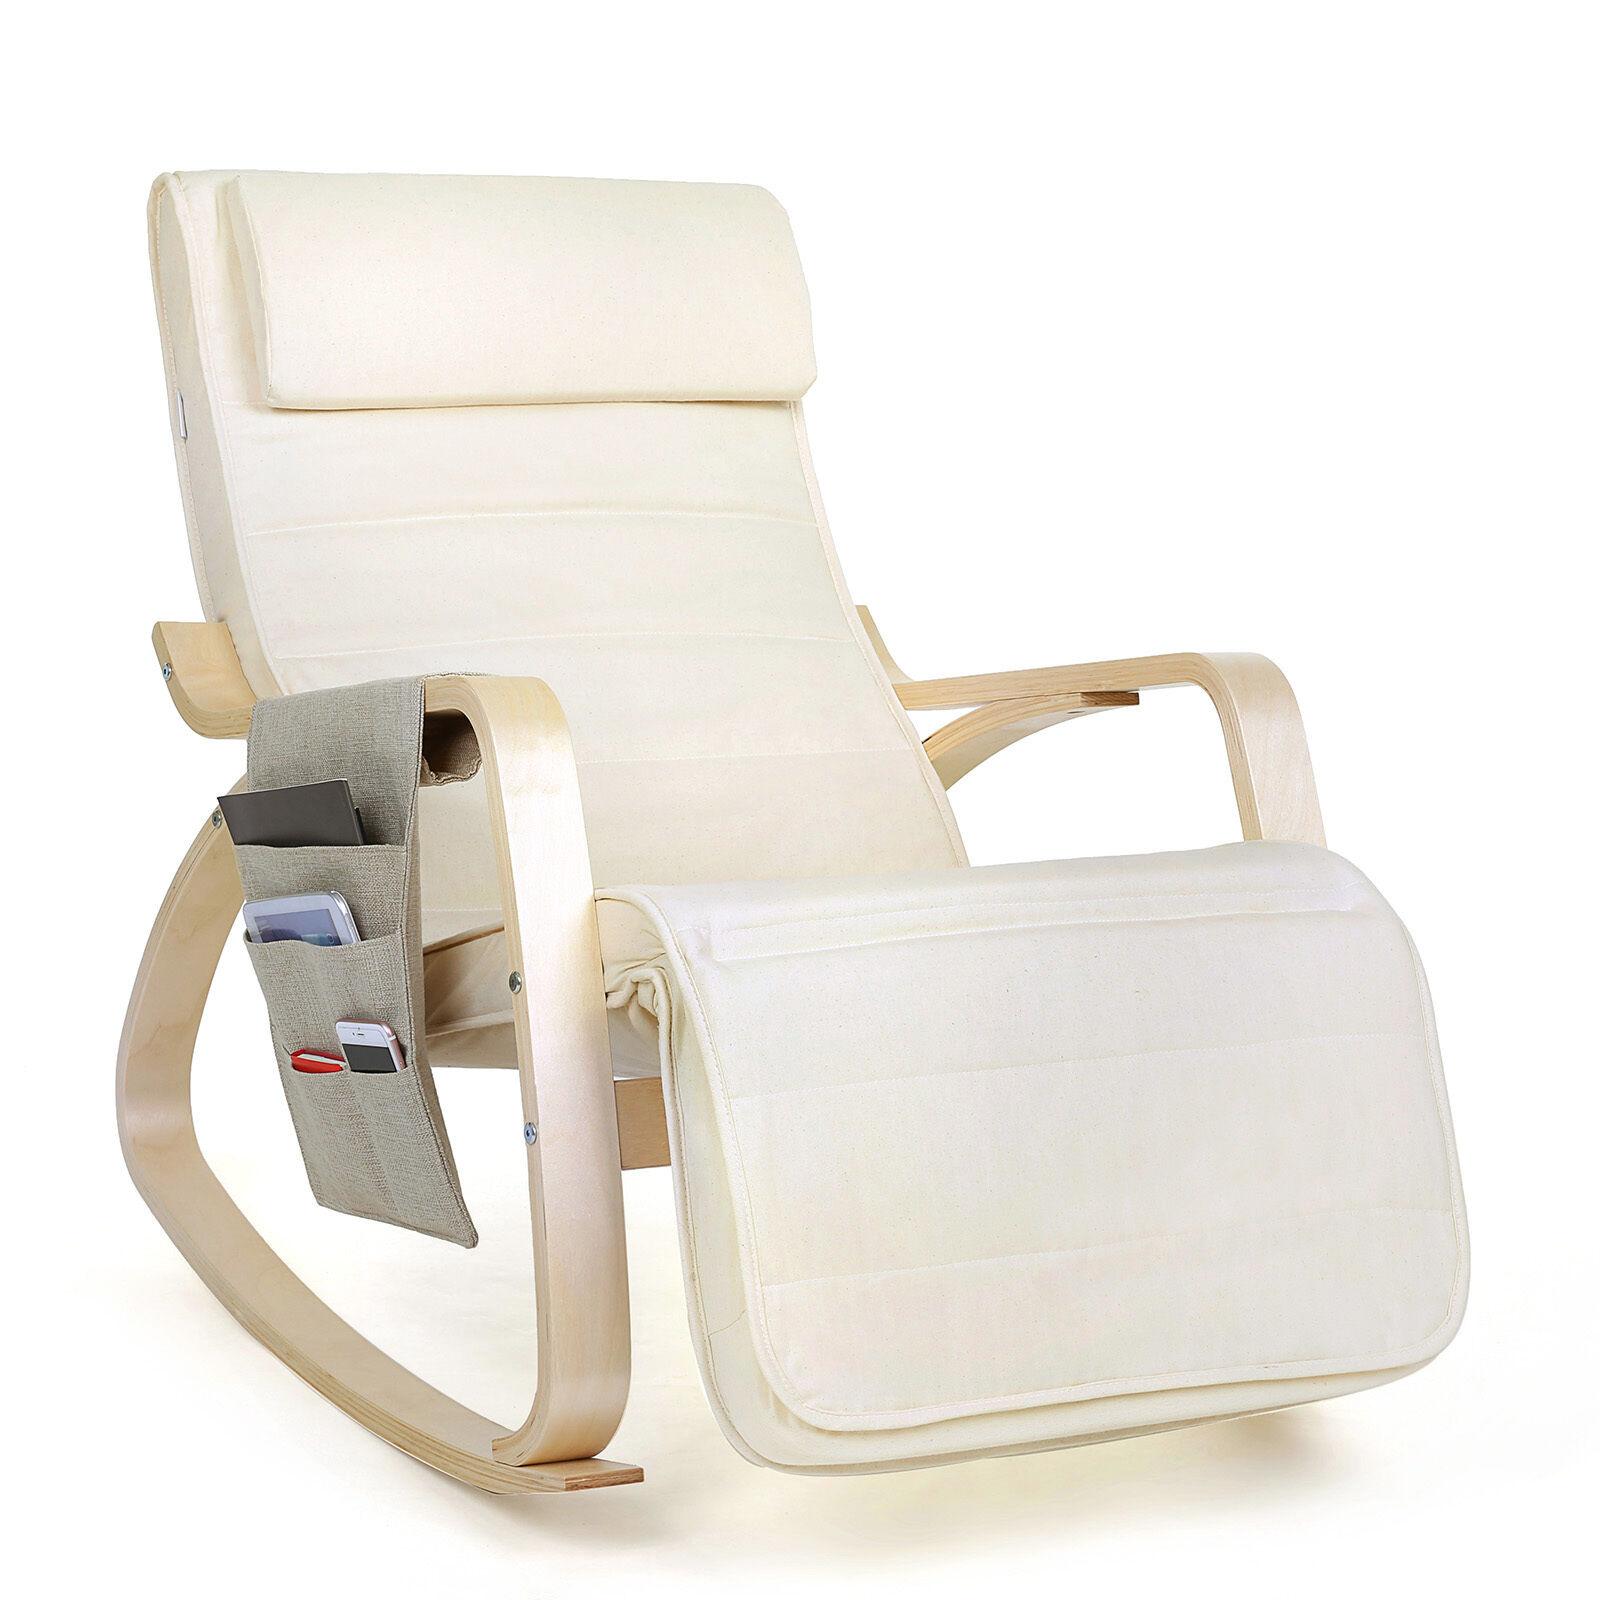 Gebrauchte Schaukelstuhl Schwingsessel Relaxstuhl Schwingstuhl L190786B+LYY01M